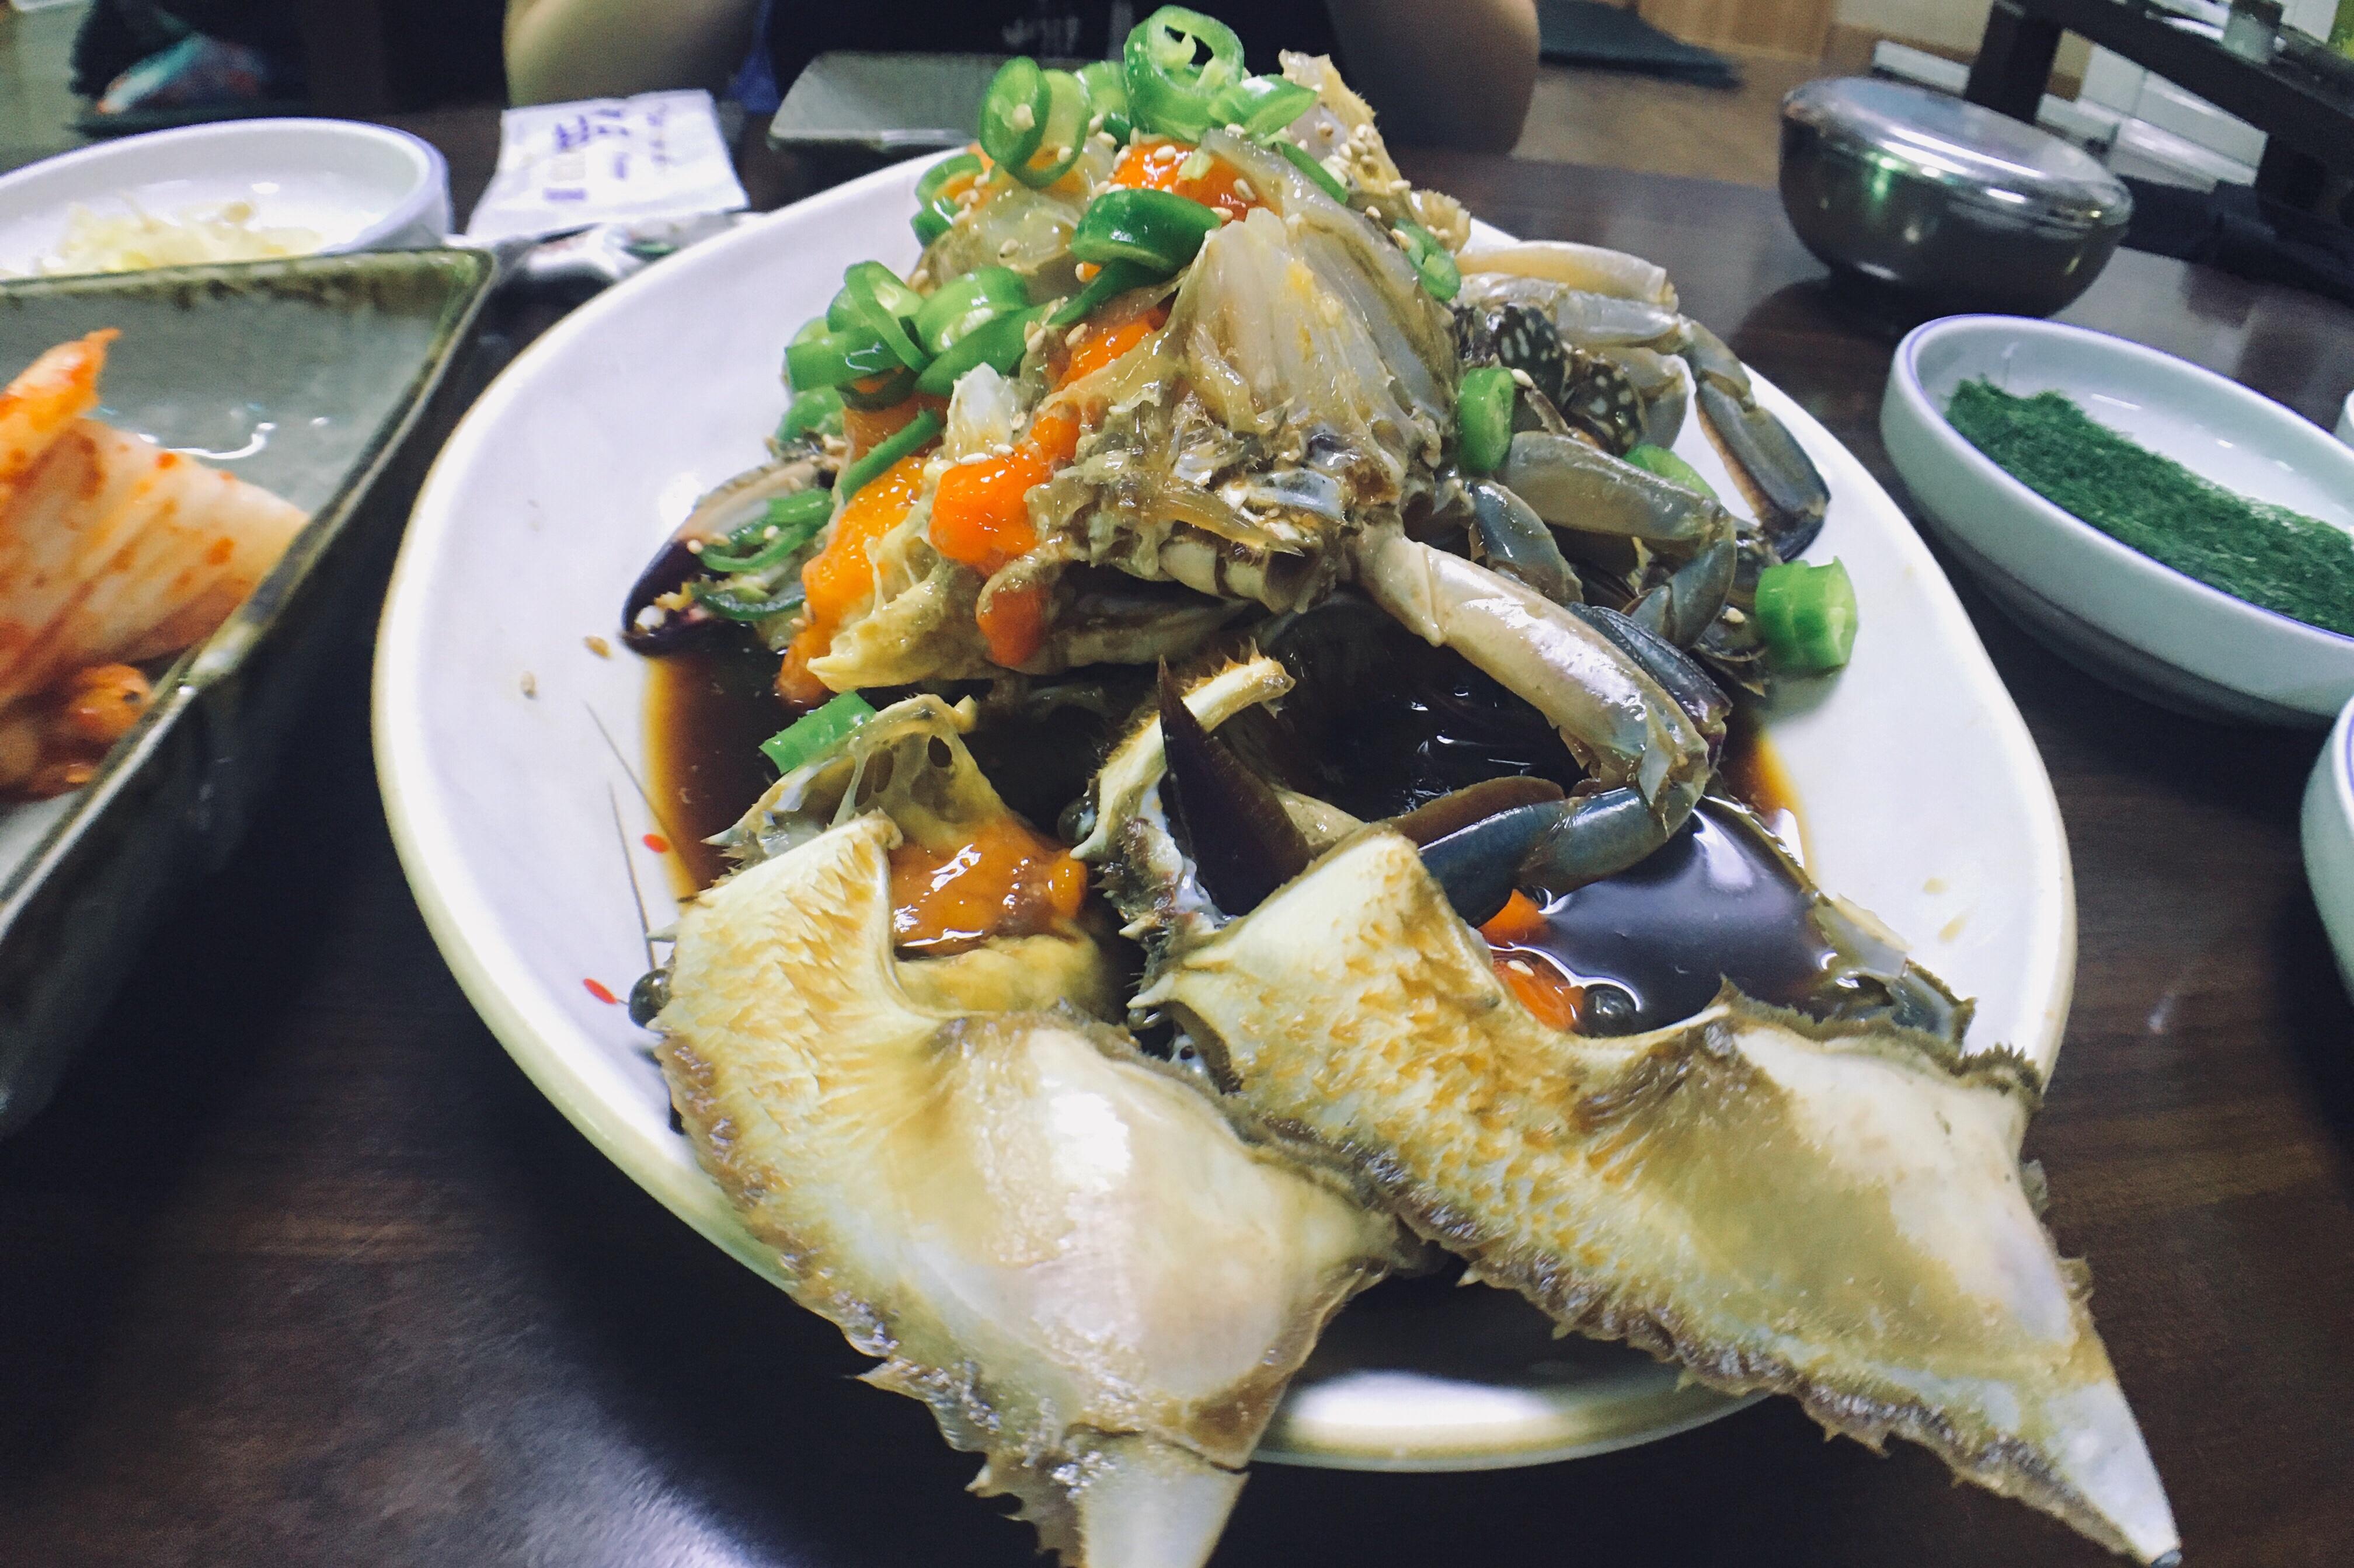 首爾 孔德站 真味食堂:Mira 介紹的米其林醬油蟹餐廳 – 我不想上班 #IDWW